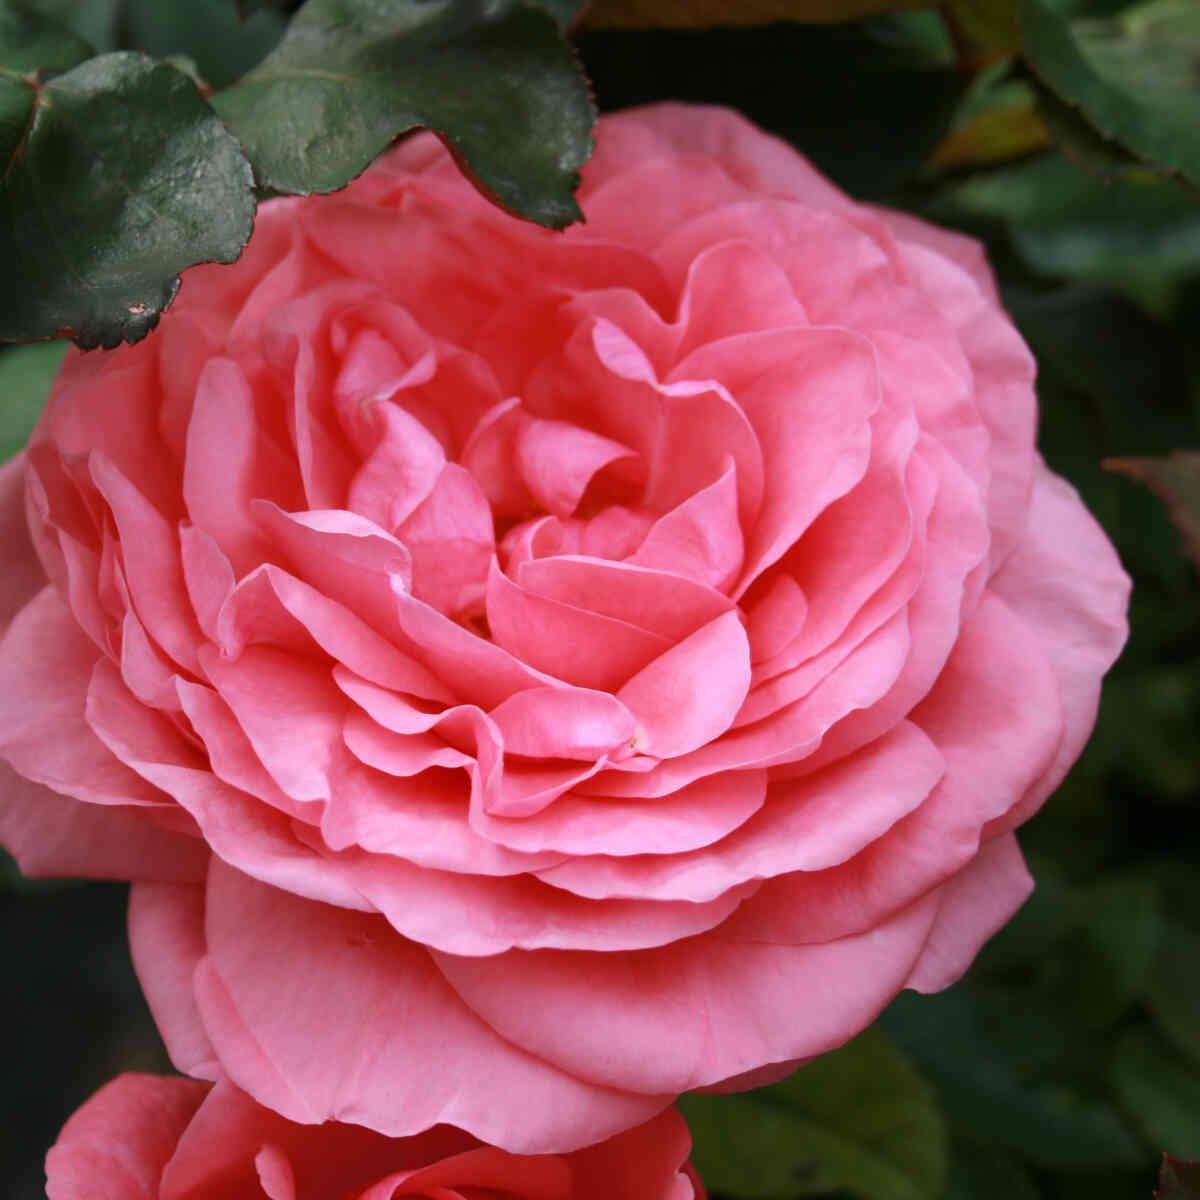 Rose 'Elaine Paige'